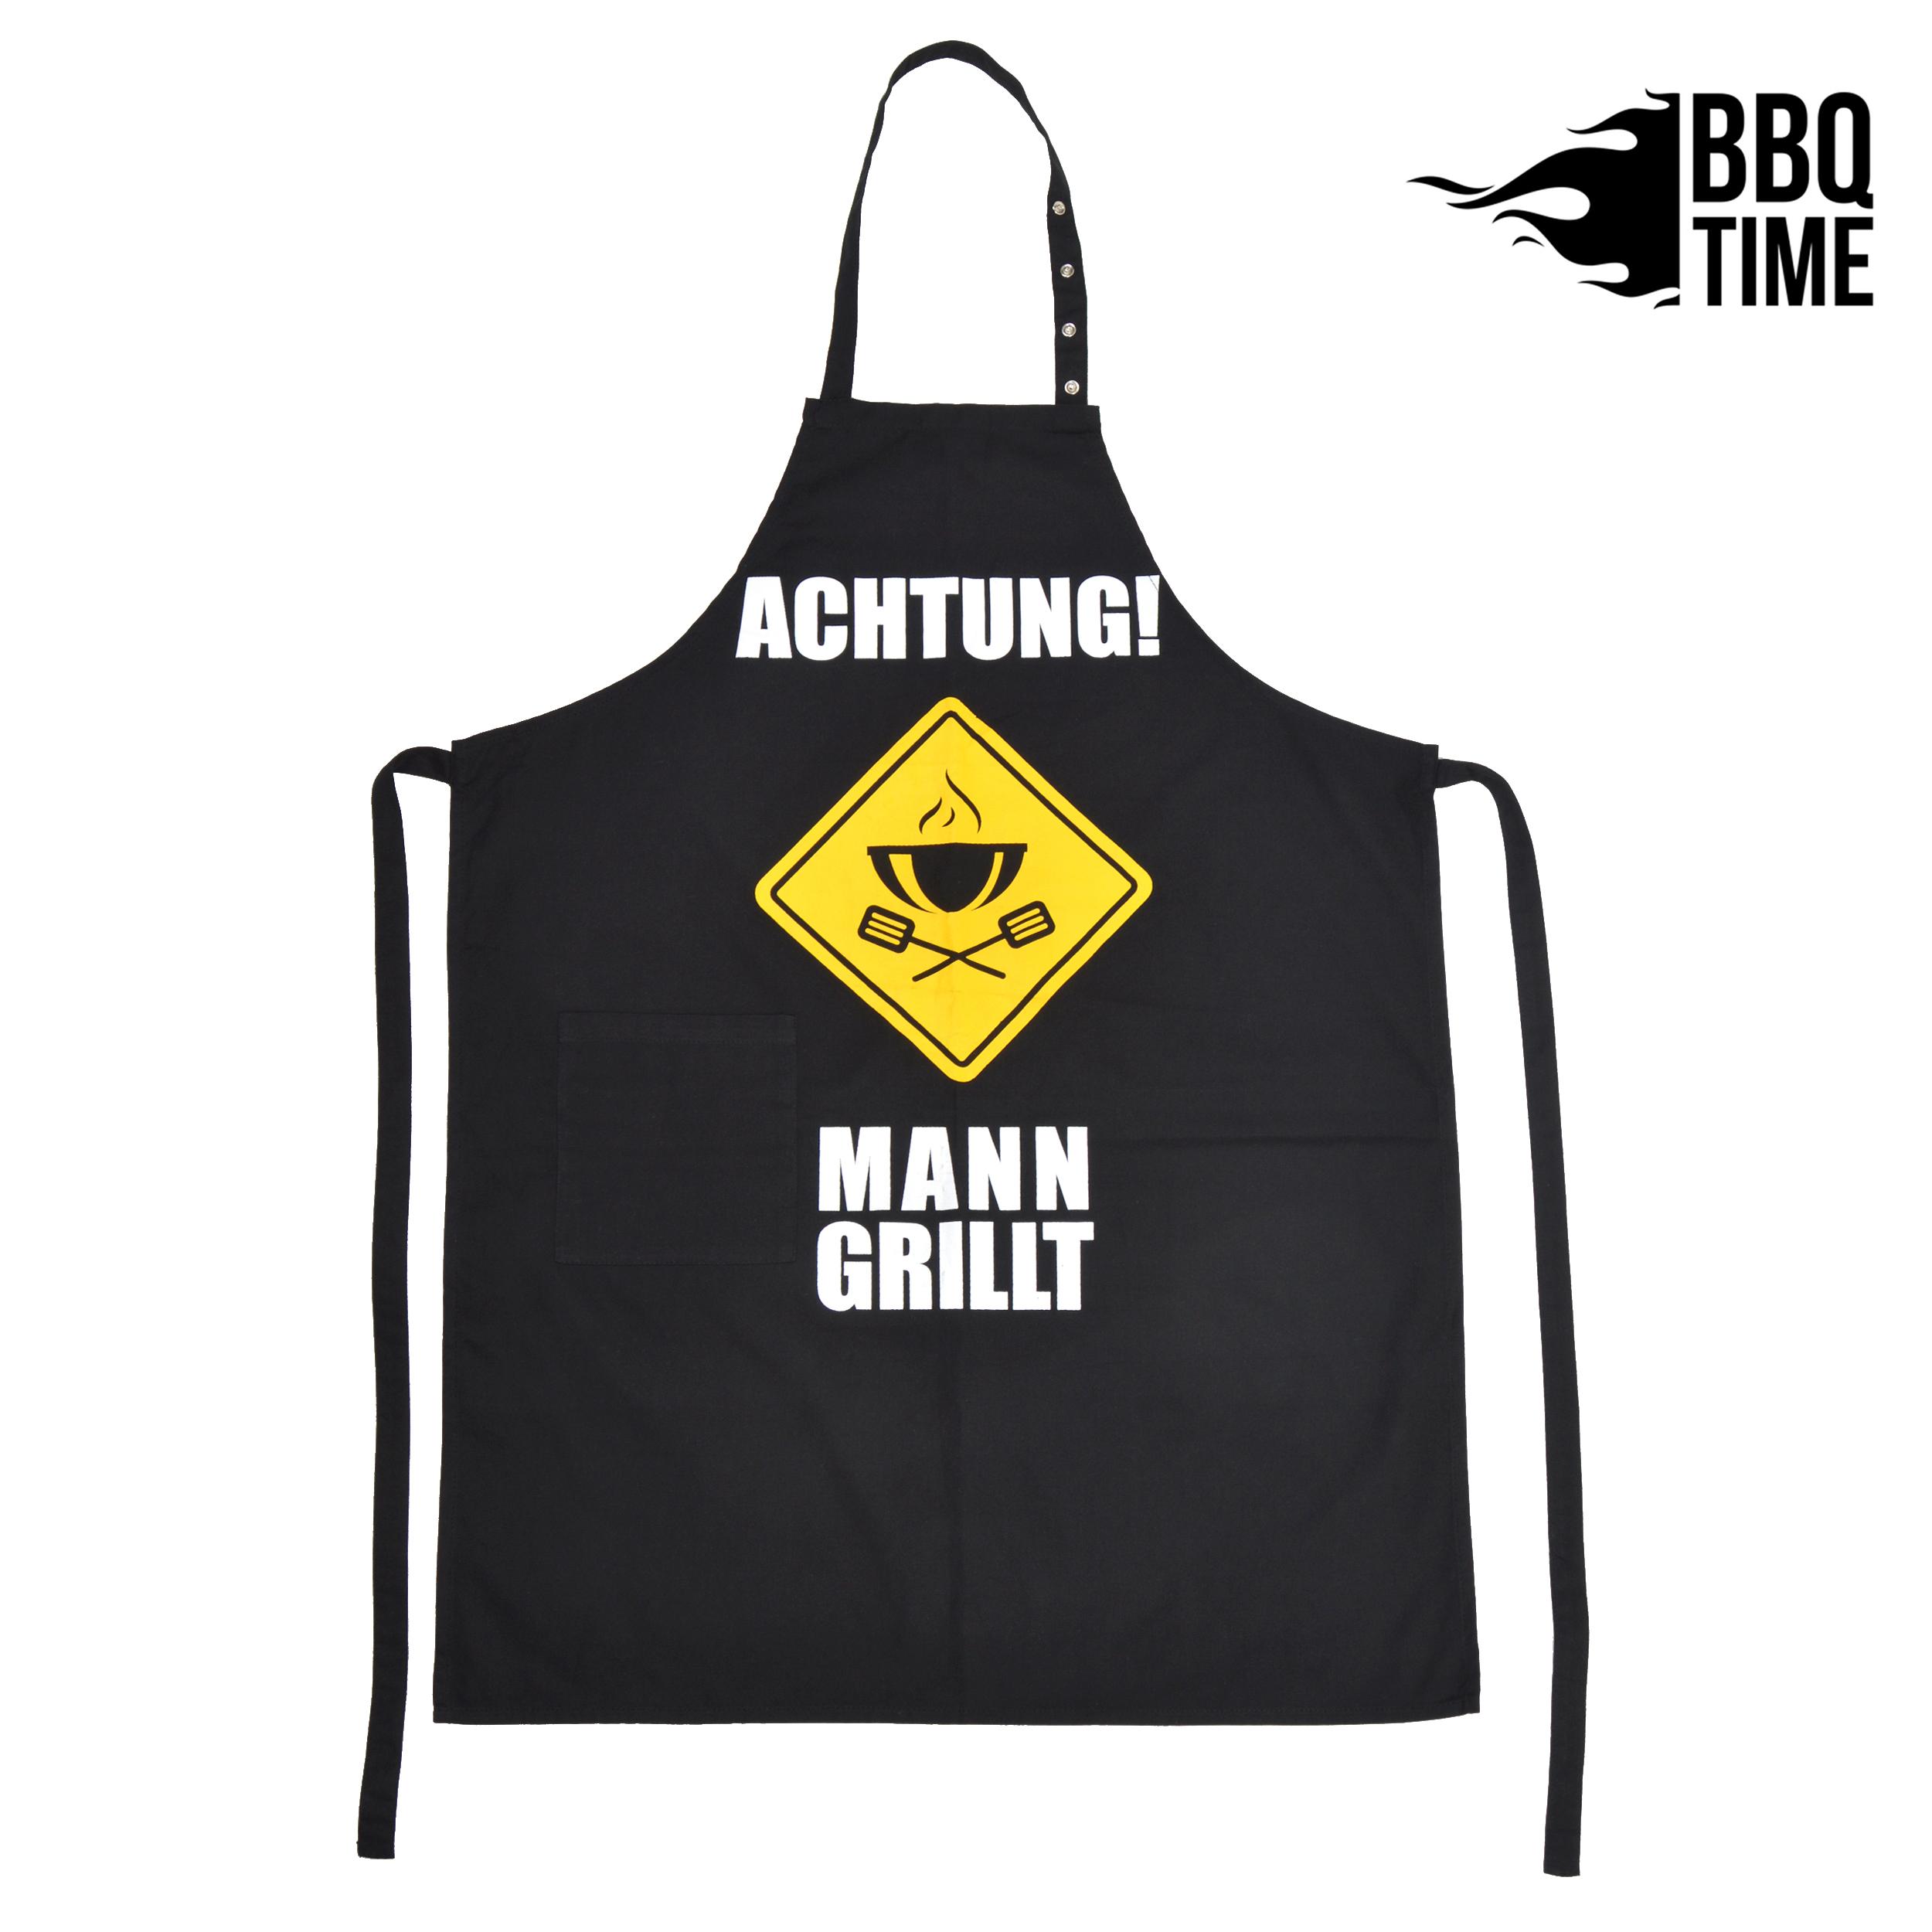 Grillschürze BBQ TIME - Achtung Mann grillt